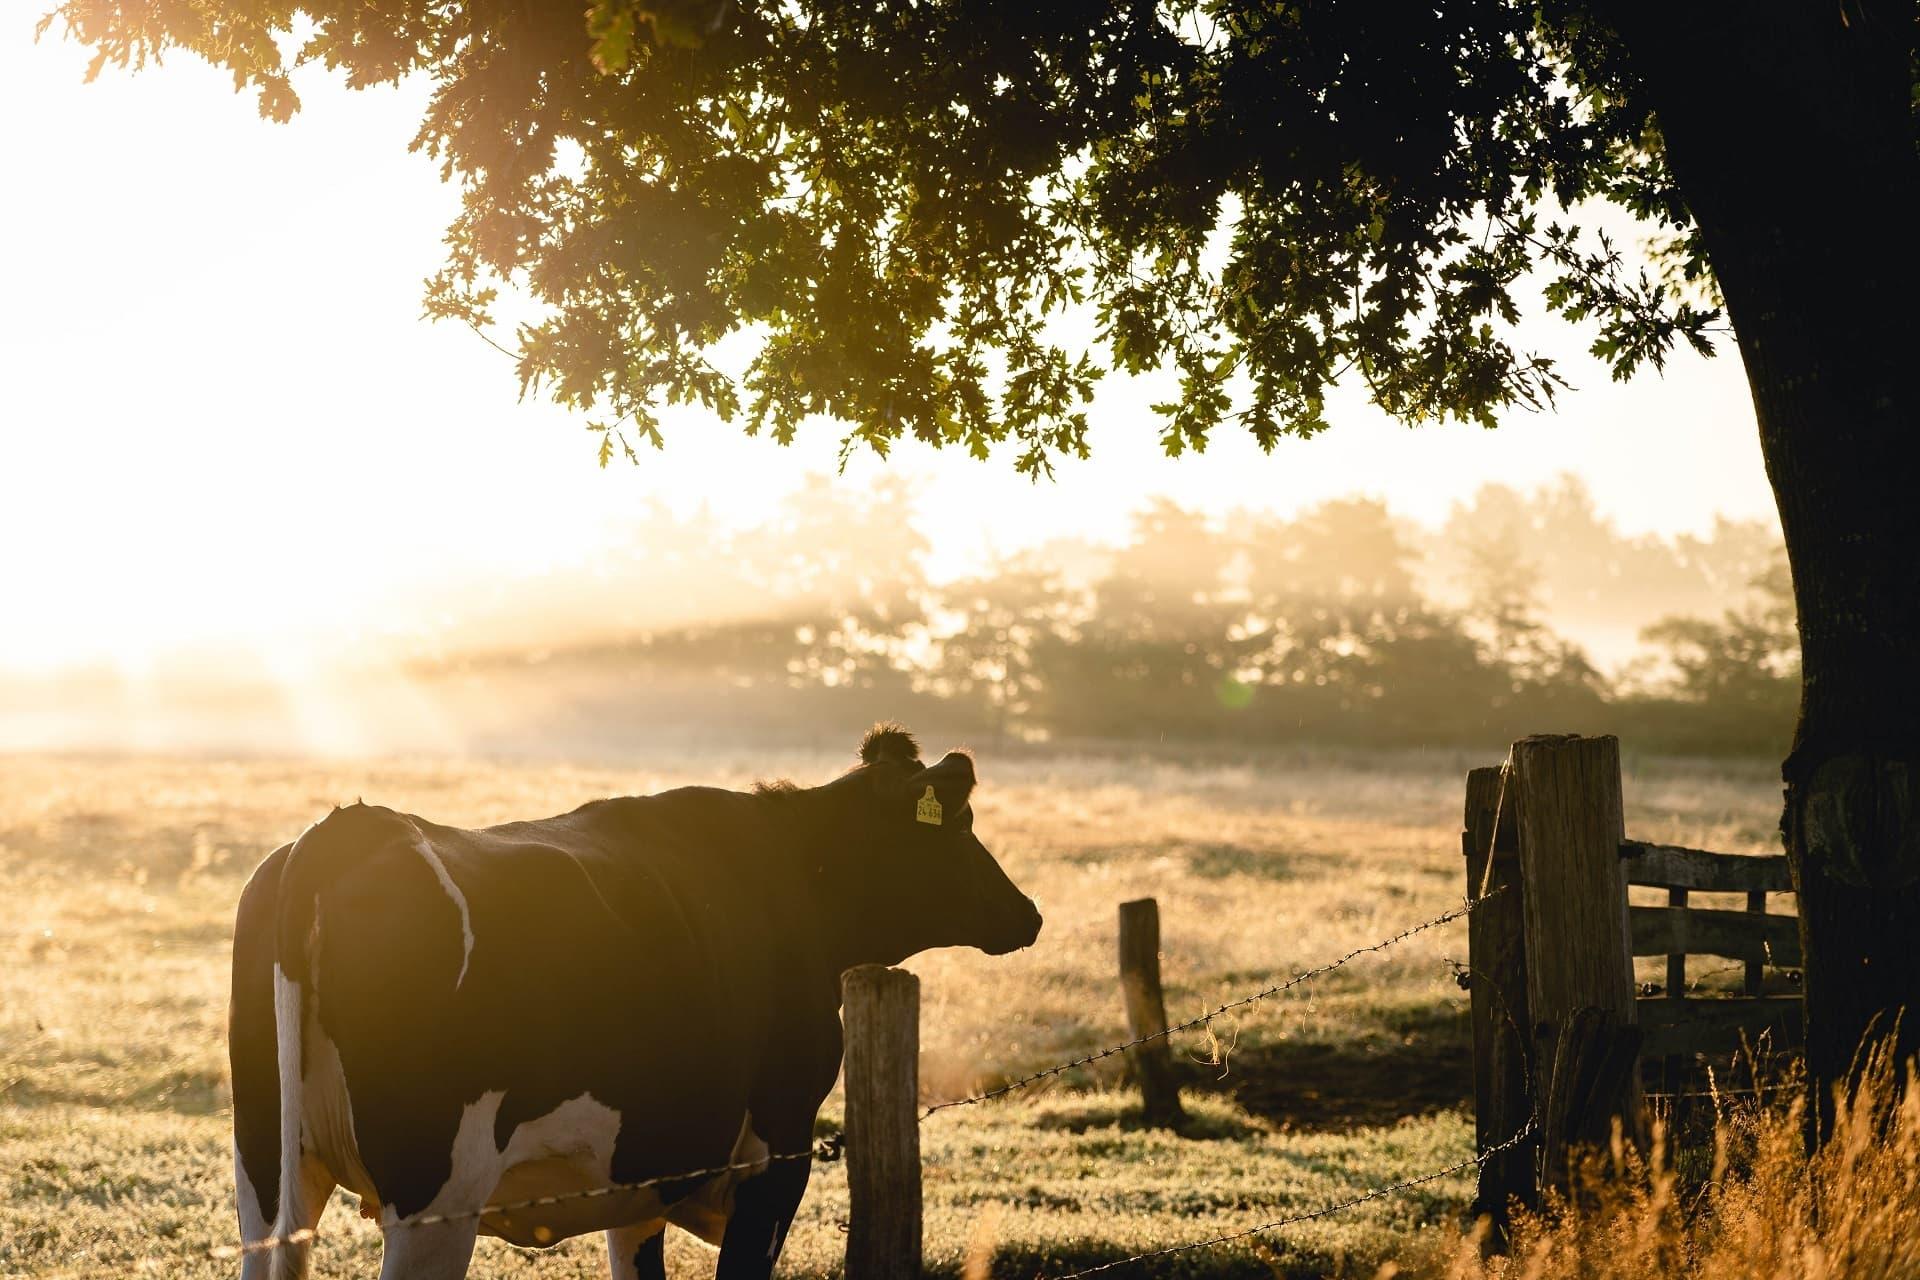 Kuh auf Weide in der Morgensonne